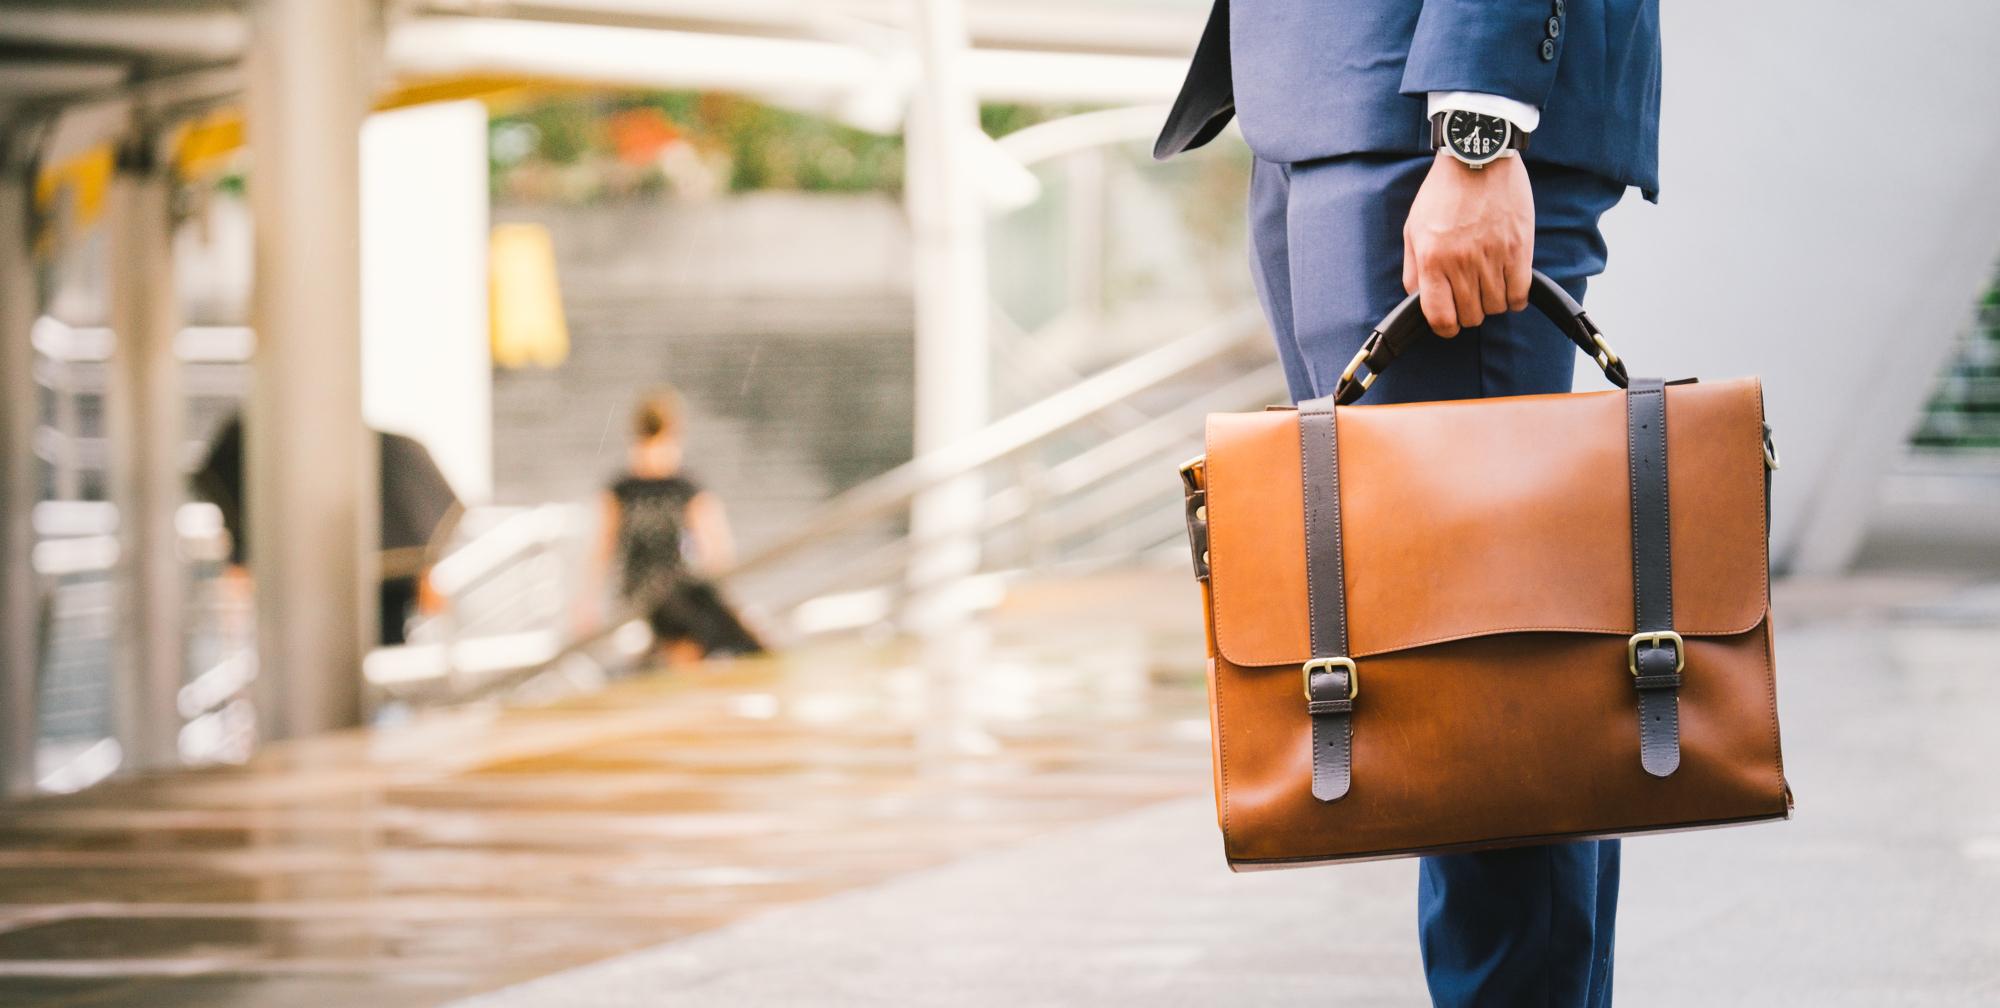 「ほかにやりたい仕事がある」が第1位。転職理由調査結果に見る、現代のビジネスパーソンの転職心理